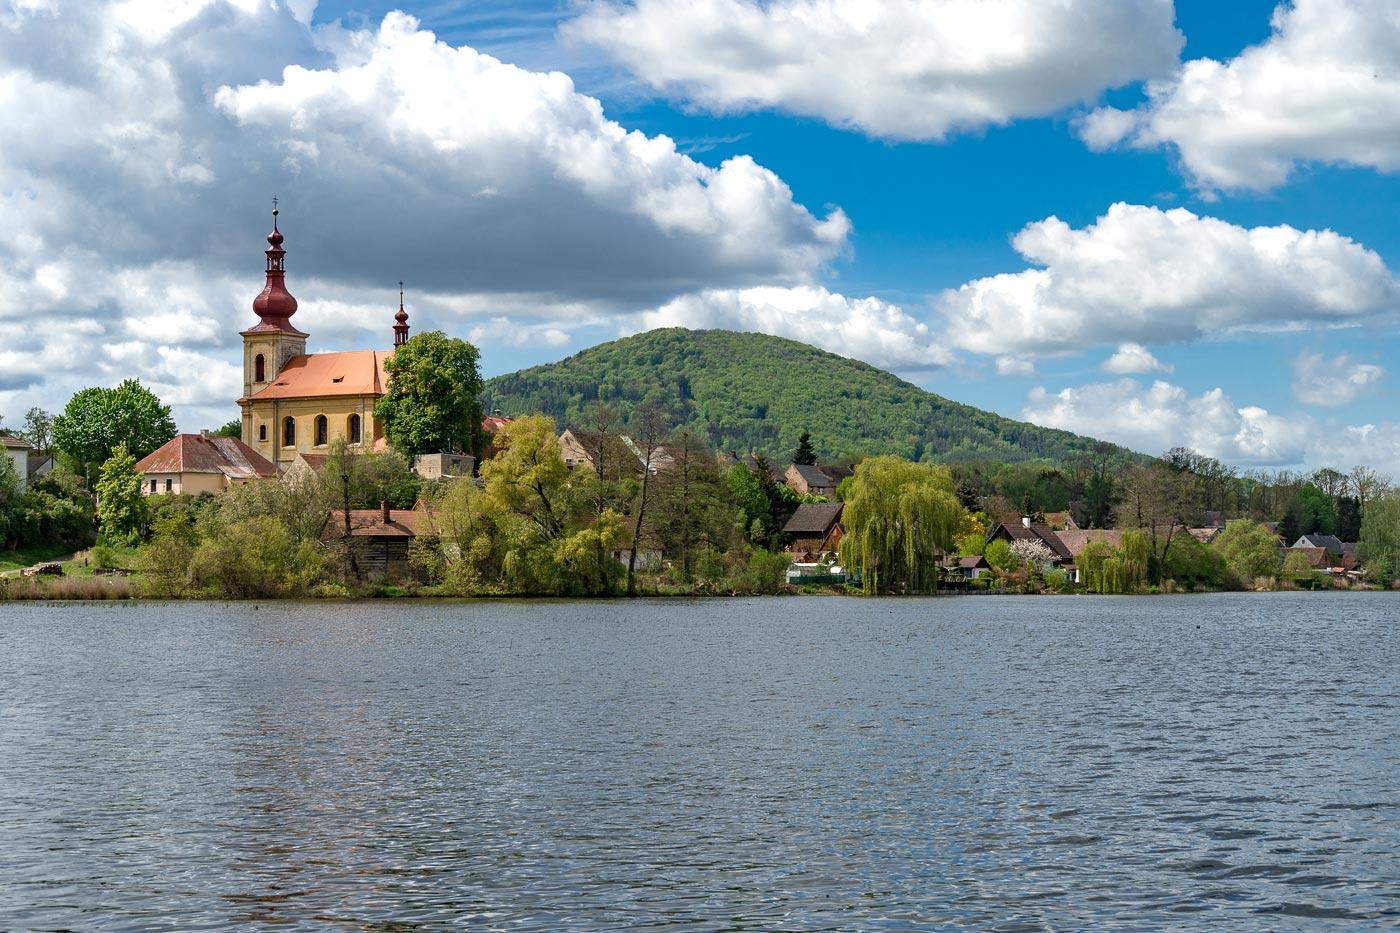 Поселок Голаны, Северная Чехия